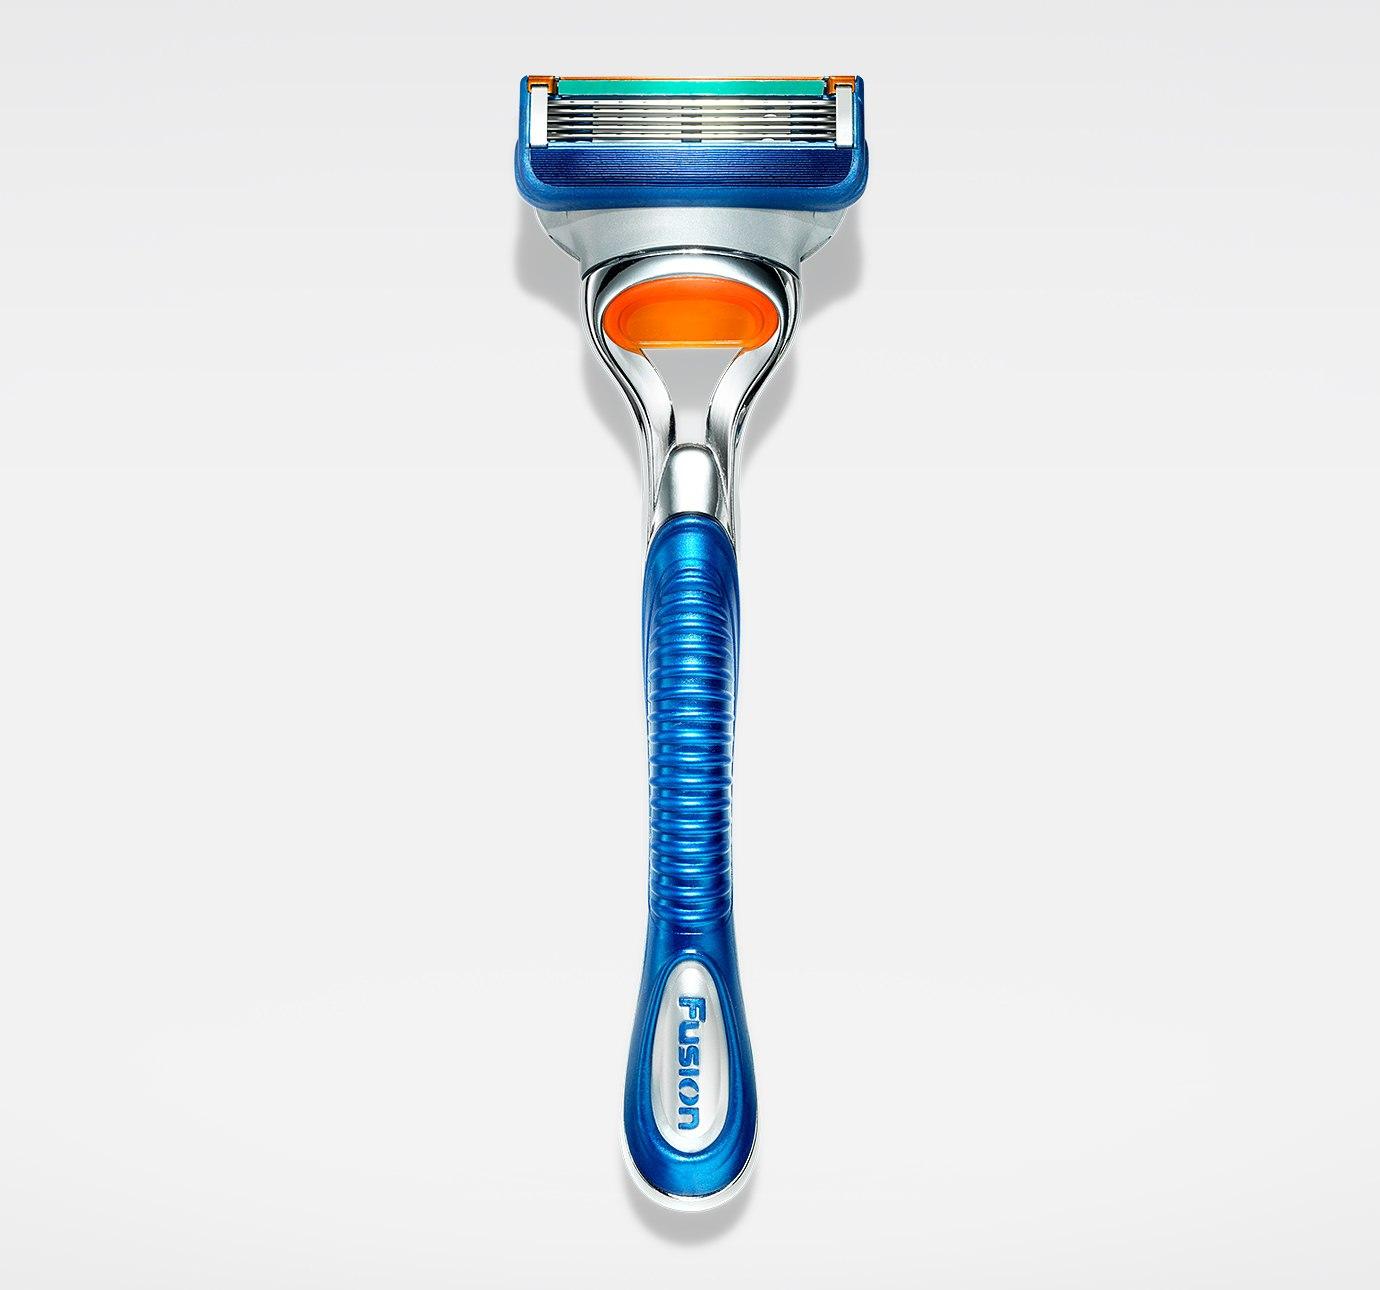 Gillette Fusion5 original razor